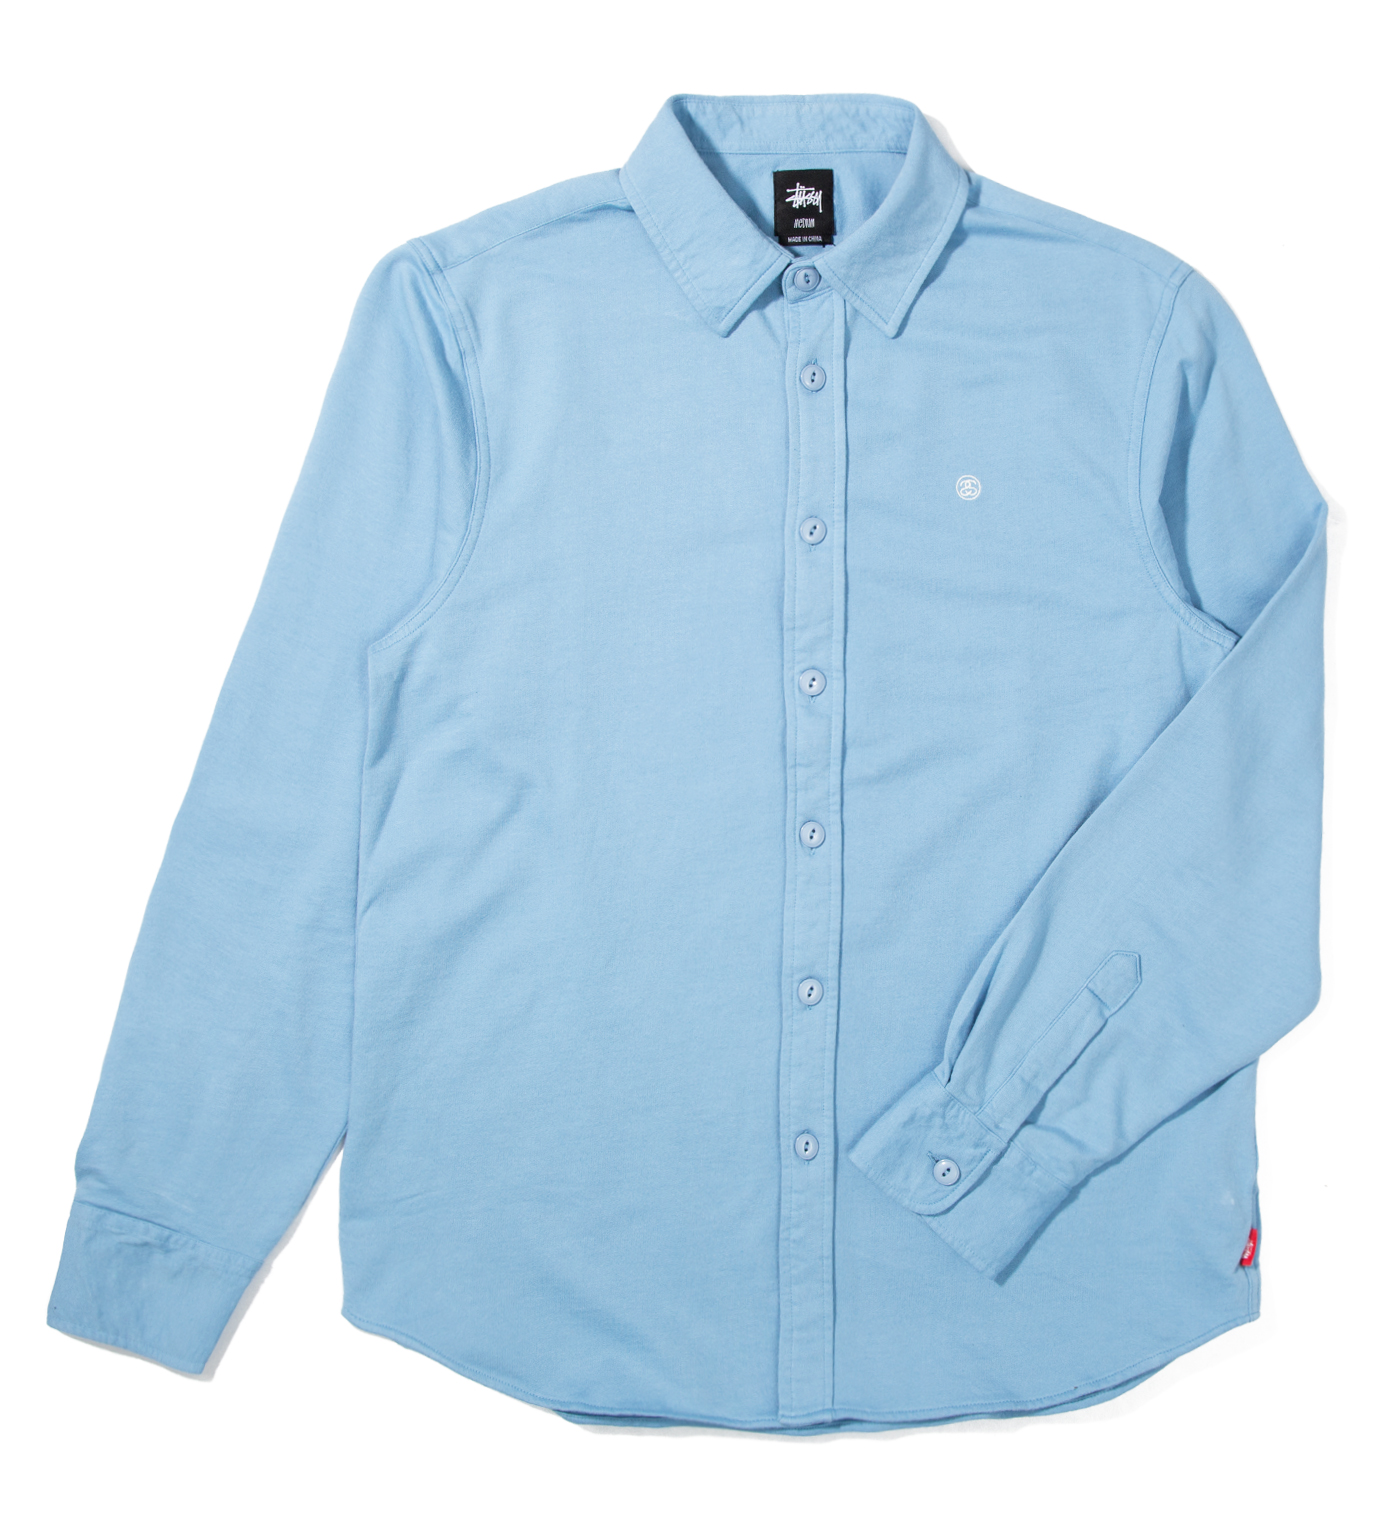 Stussy Blue Fleece Button Up Shirt